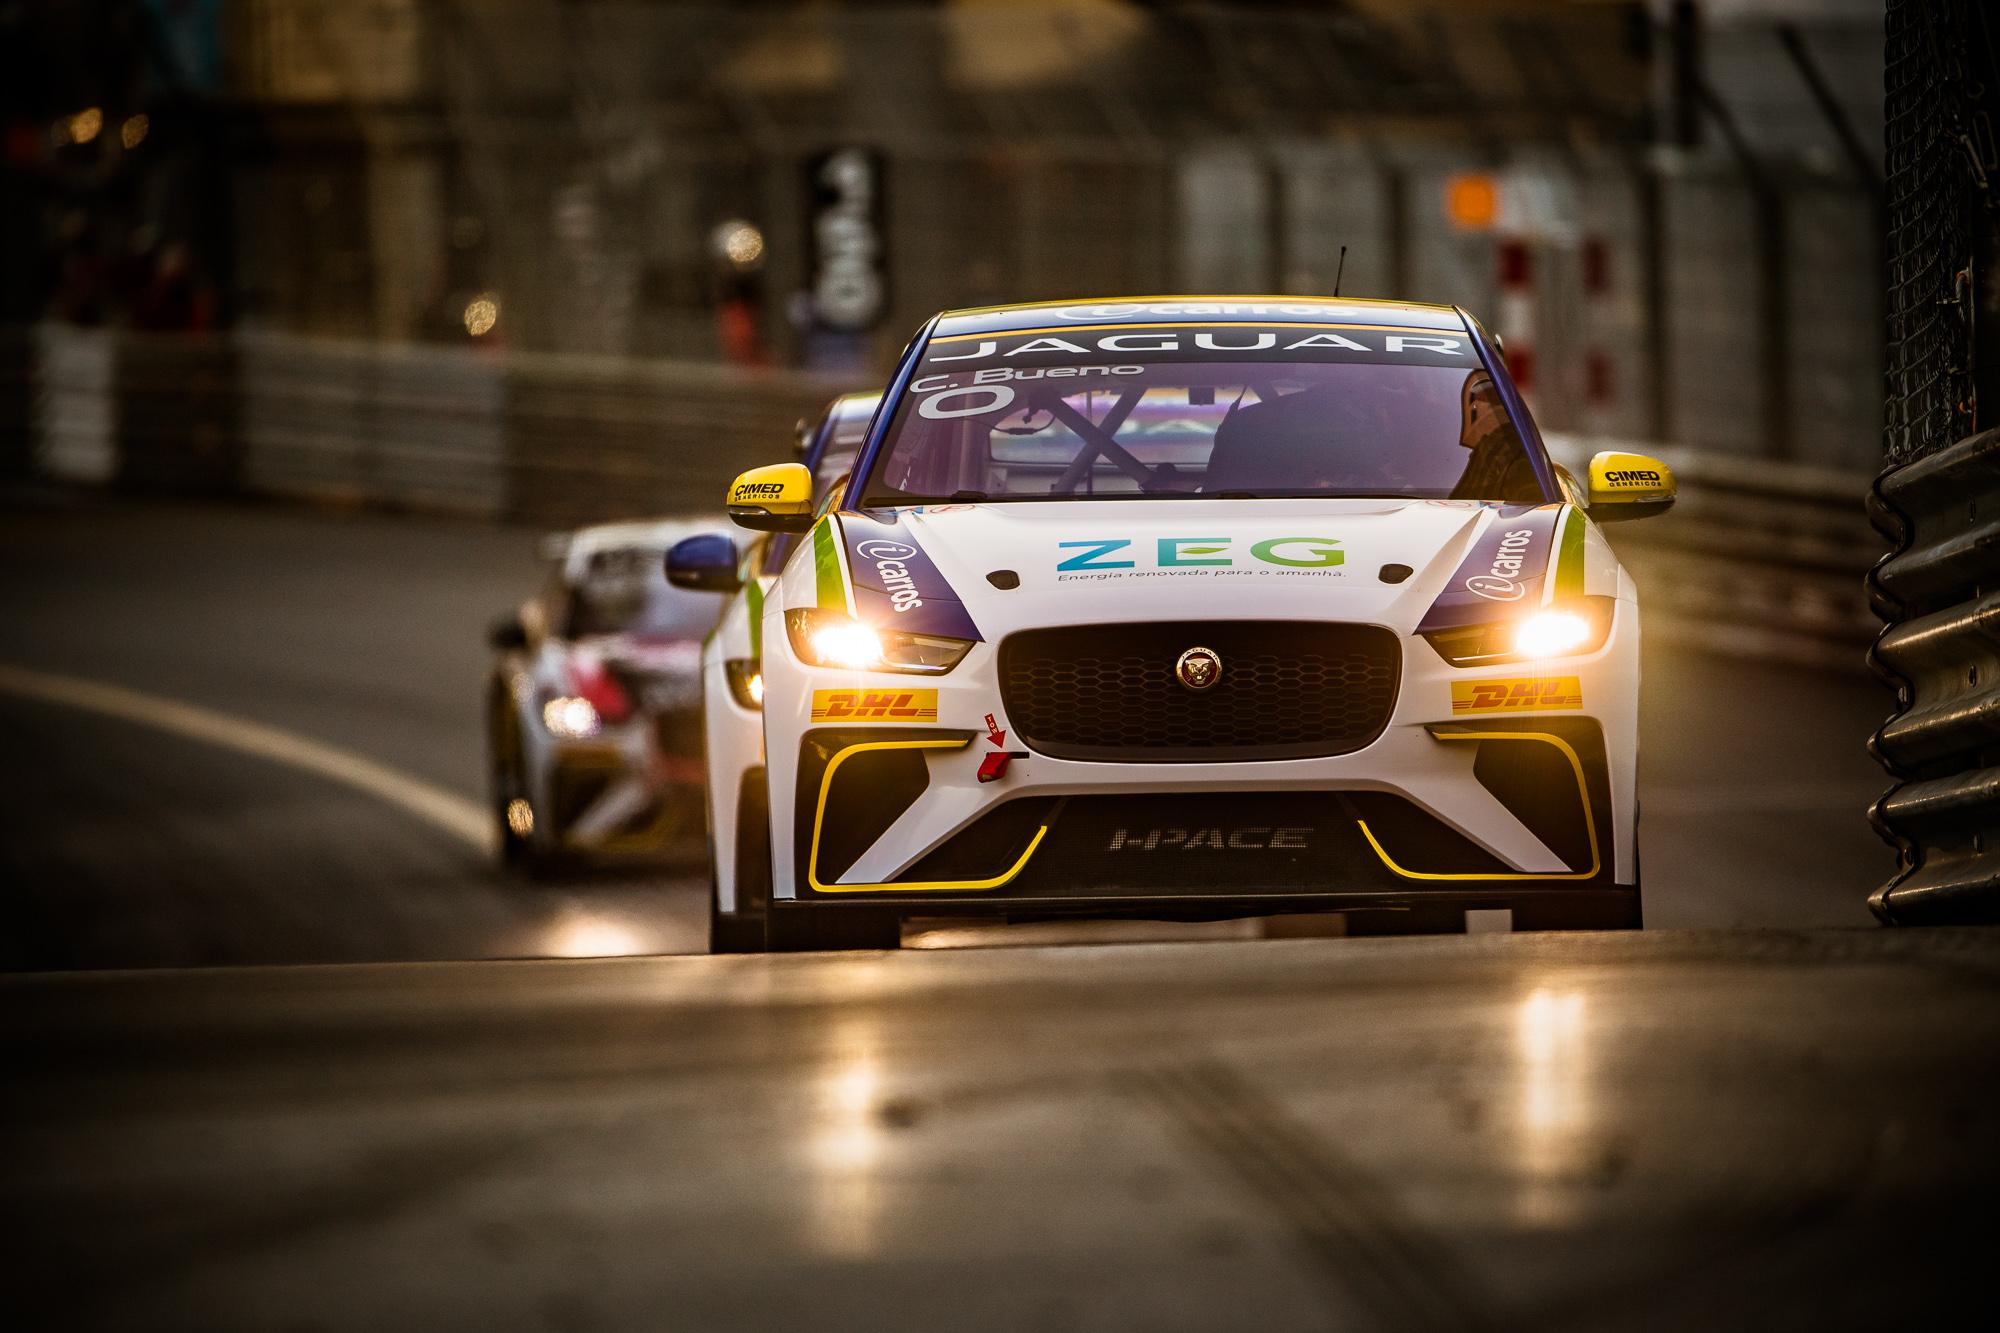 Jaguar_7.Monaco_josemariodias_05032